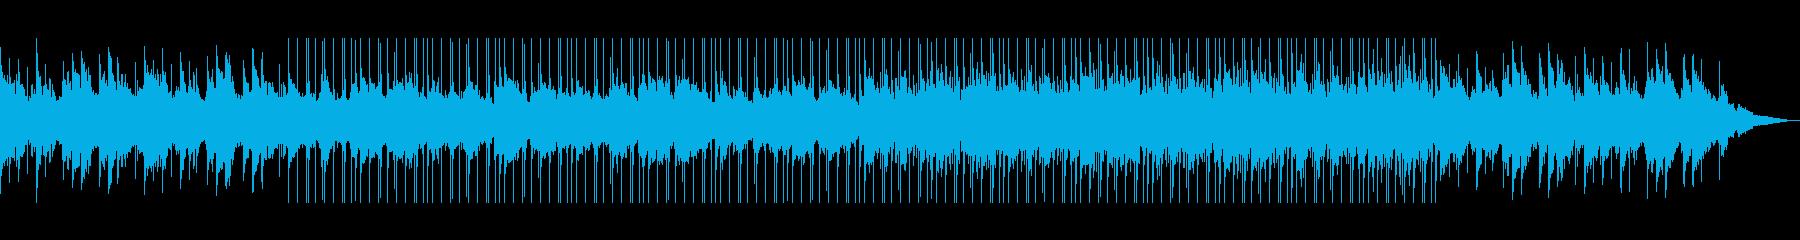 ゆったり落ち着いた大人な雰囲気の曲の再生済みの波形